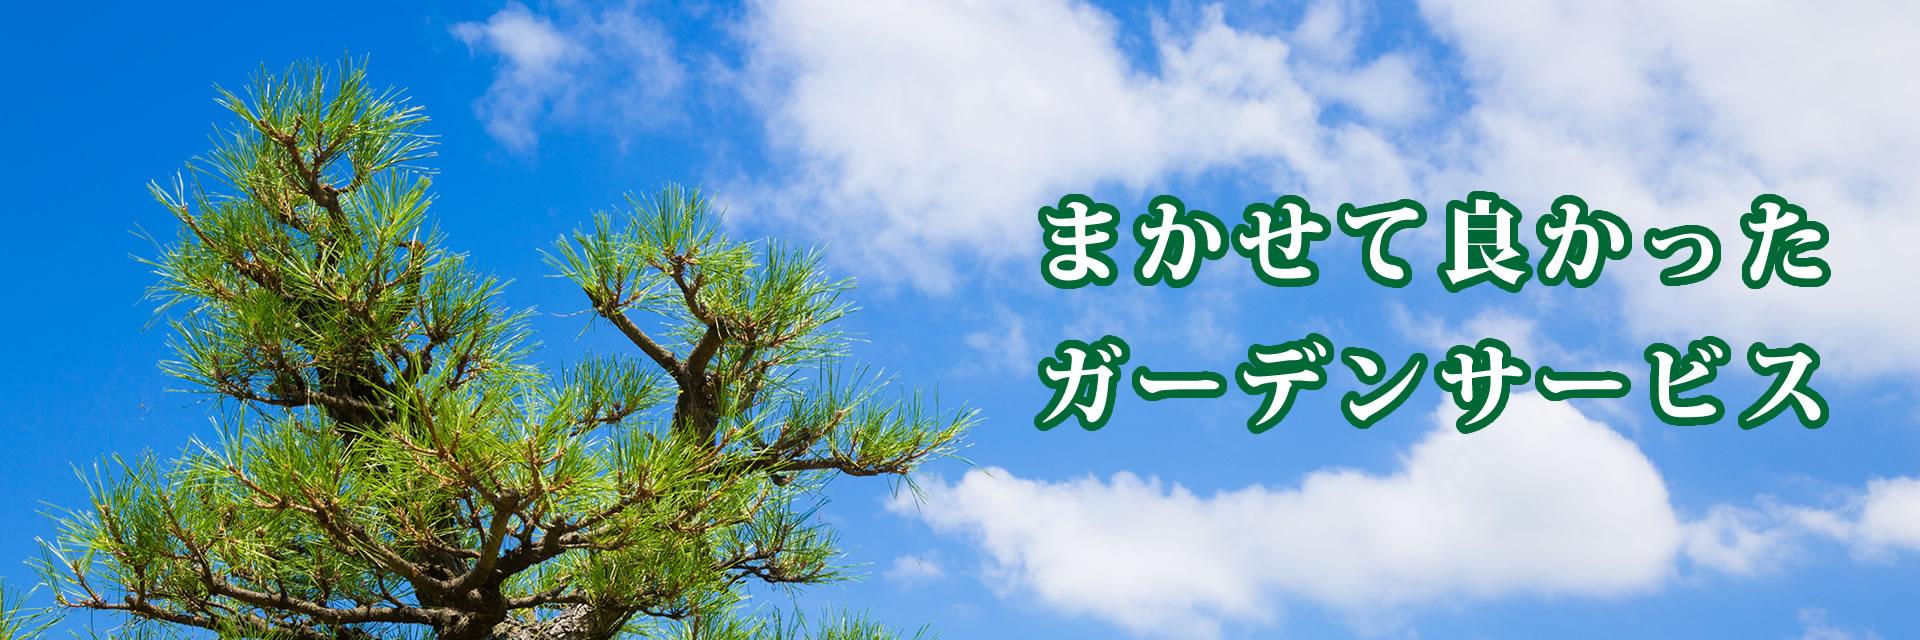 株式会社みまもりジャパン